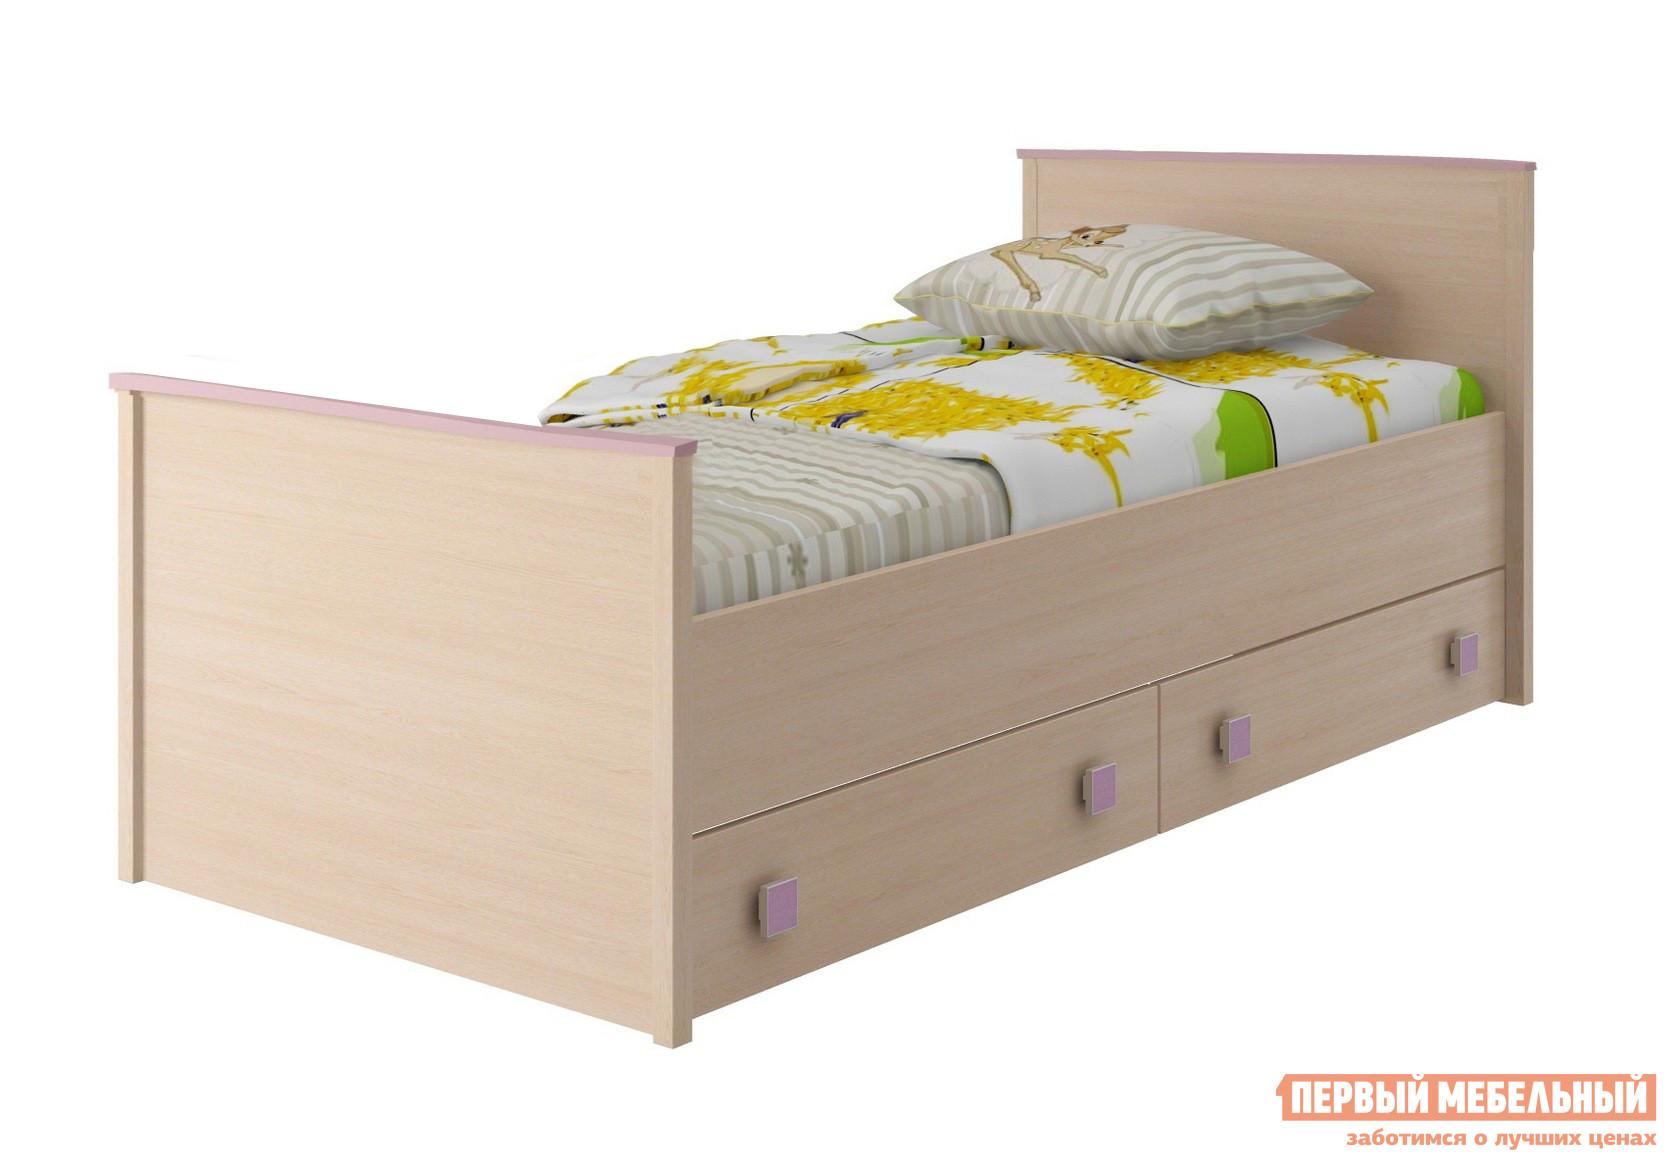 Детская кровать ТД Арника ИД 01.94 детская кровать тд арника 21 диван кровать